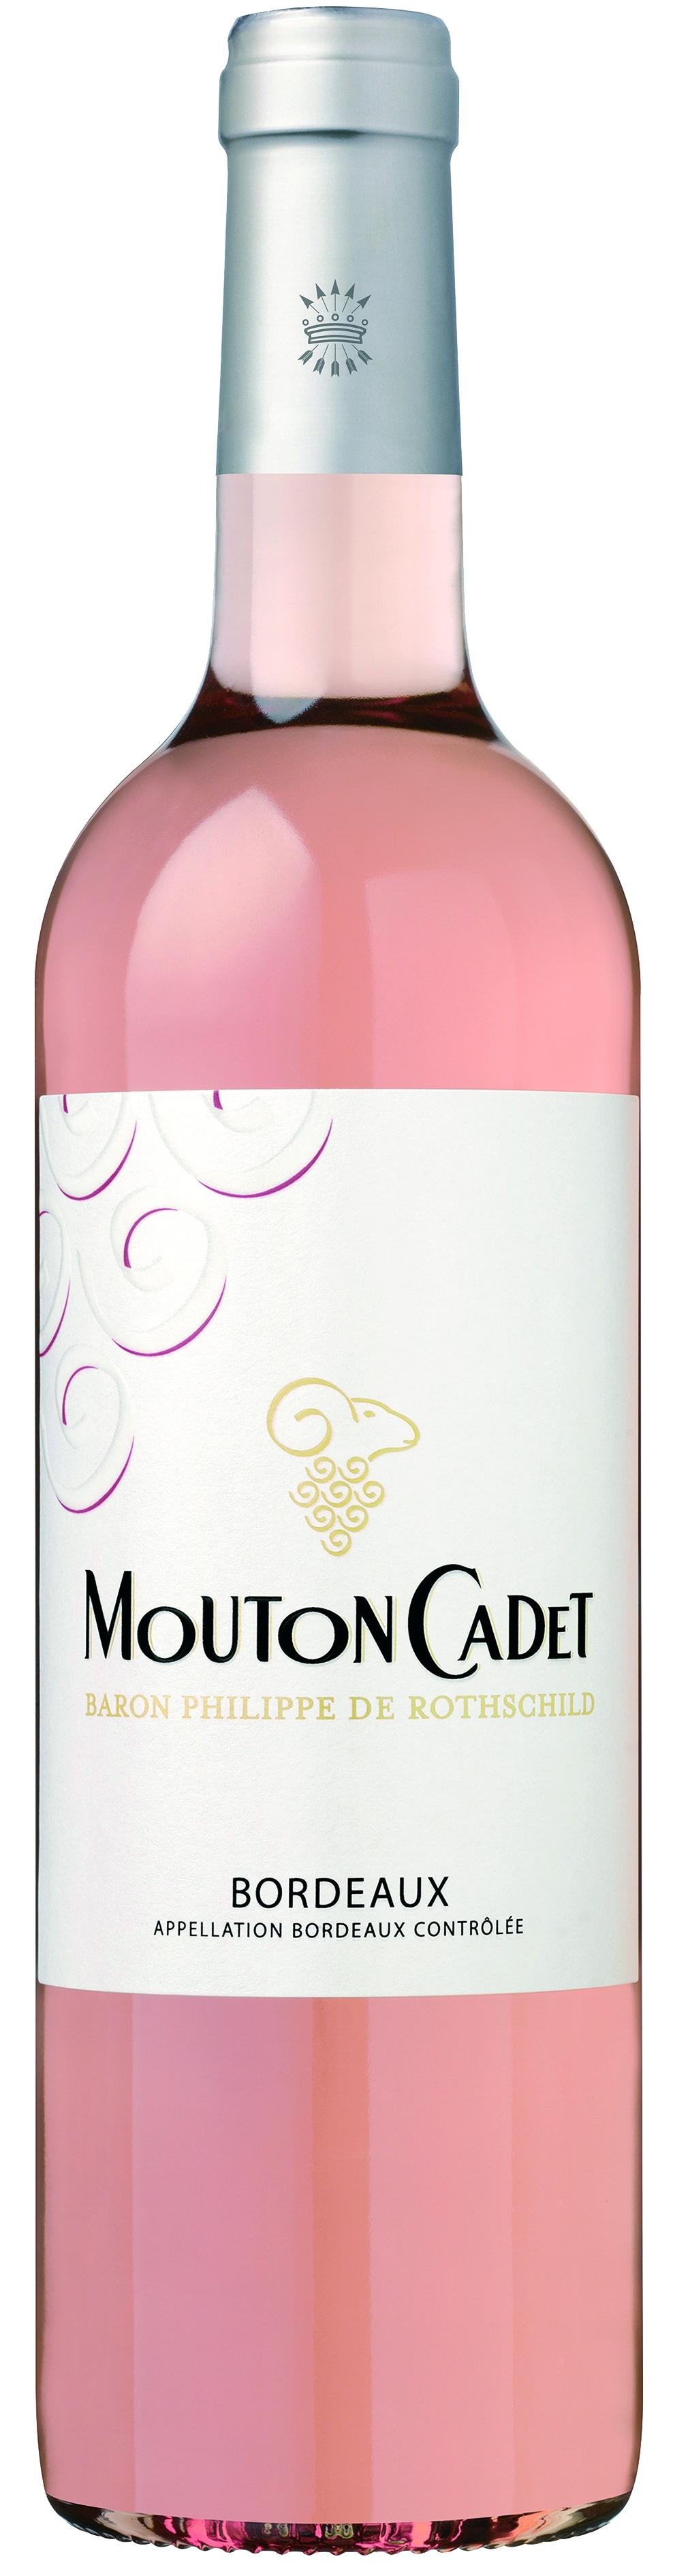 Baron Philippe de Rothschild, Mouton Cadet, Bordeaux, AOC, trocken, rose